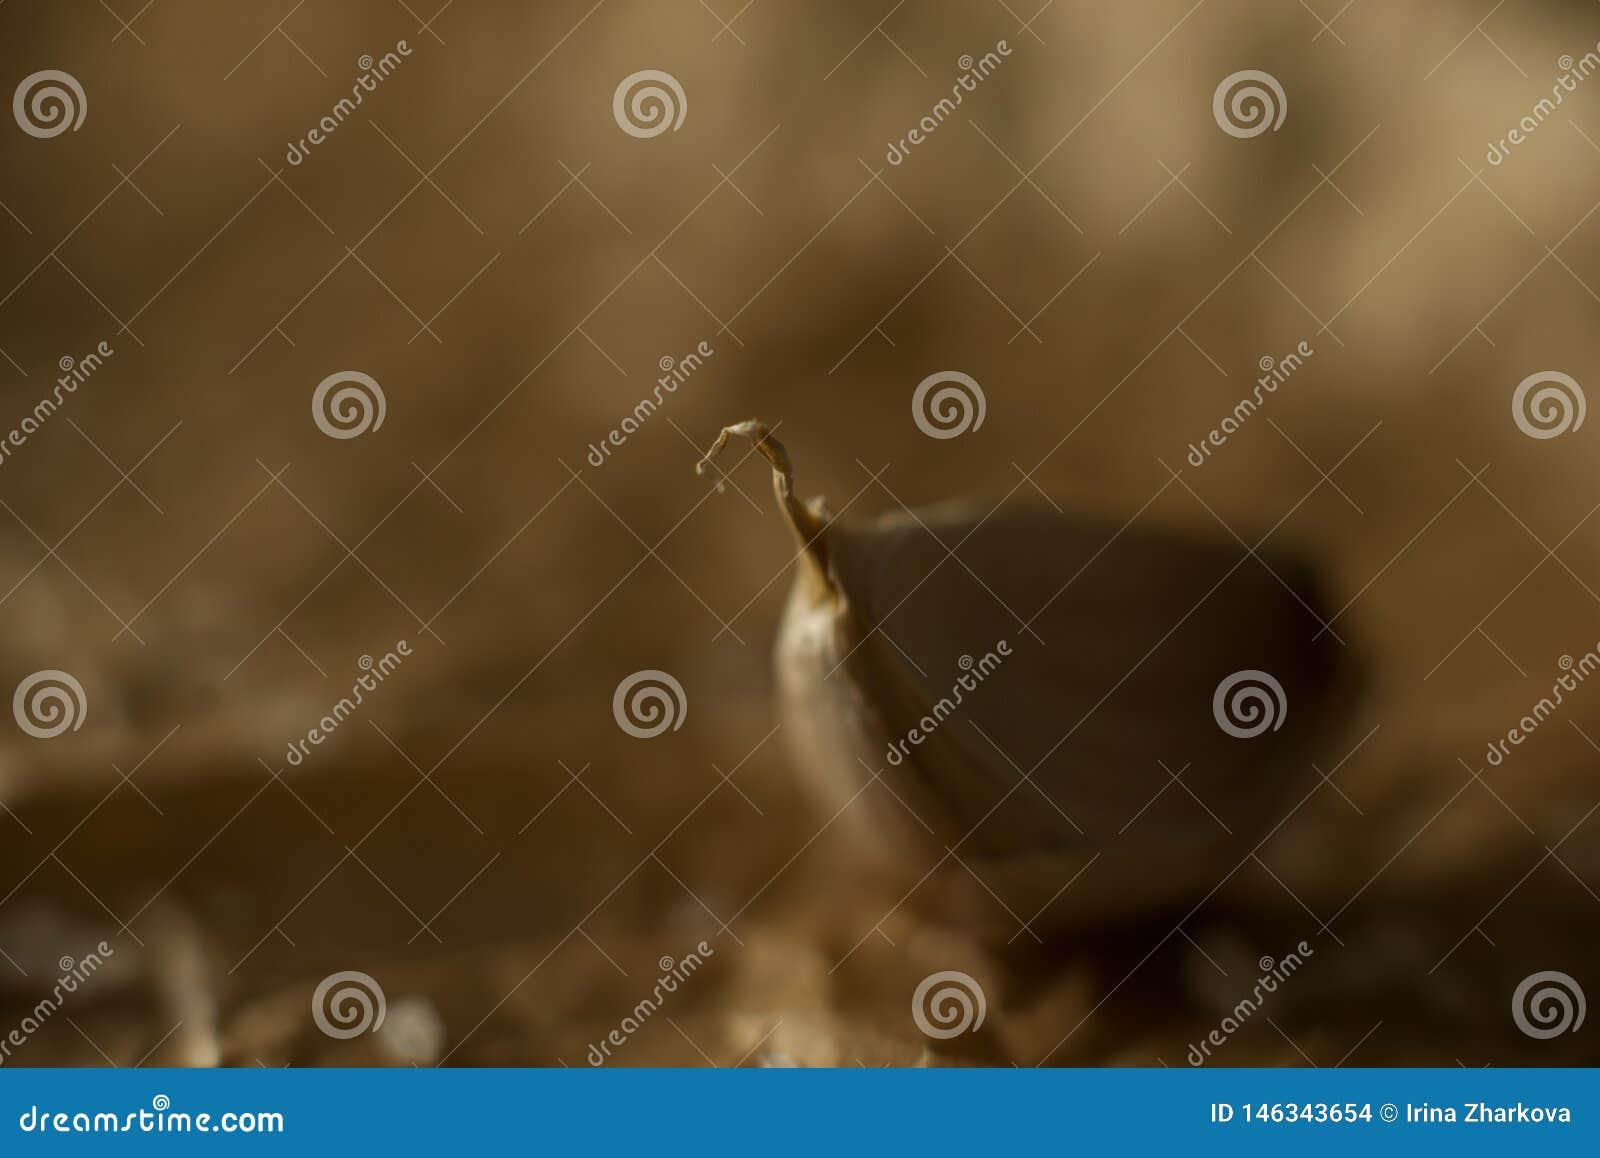 De kruidnagel van knoflook op een donkere achtergrond, macro schoot close-up, stilleven, selectieve nadruk, bokeh,